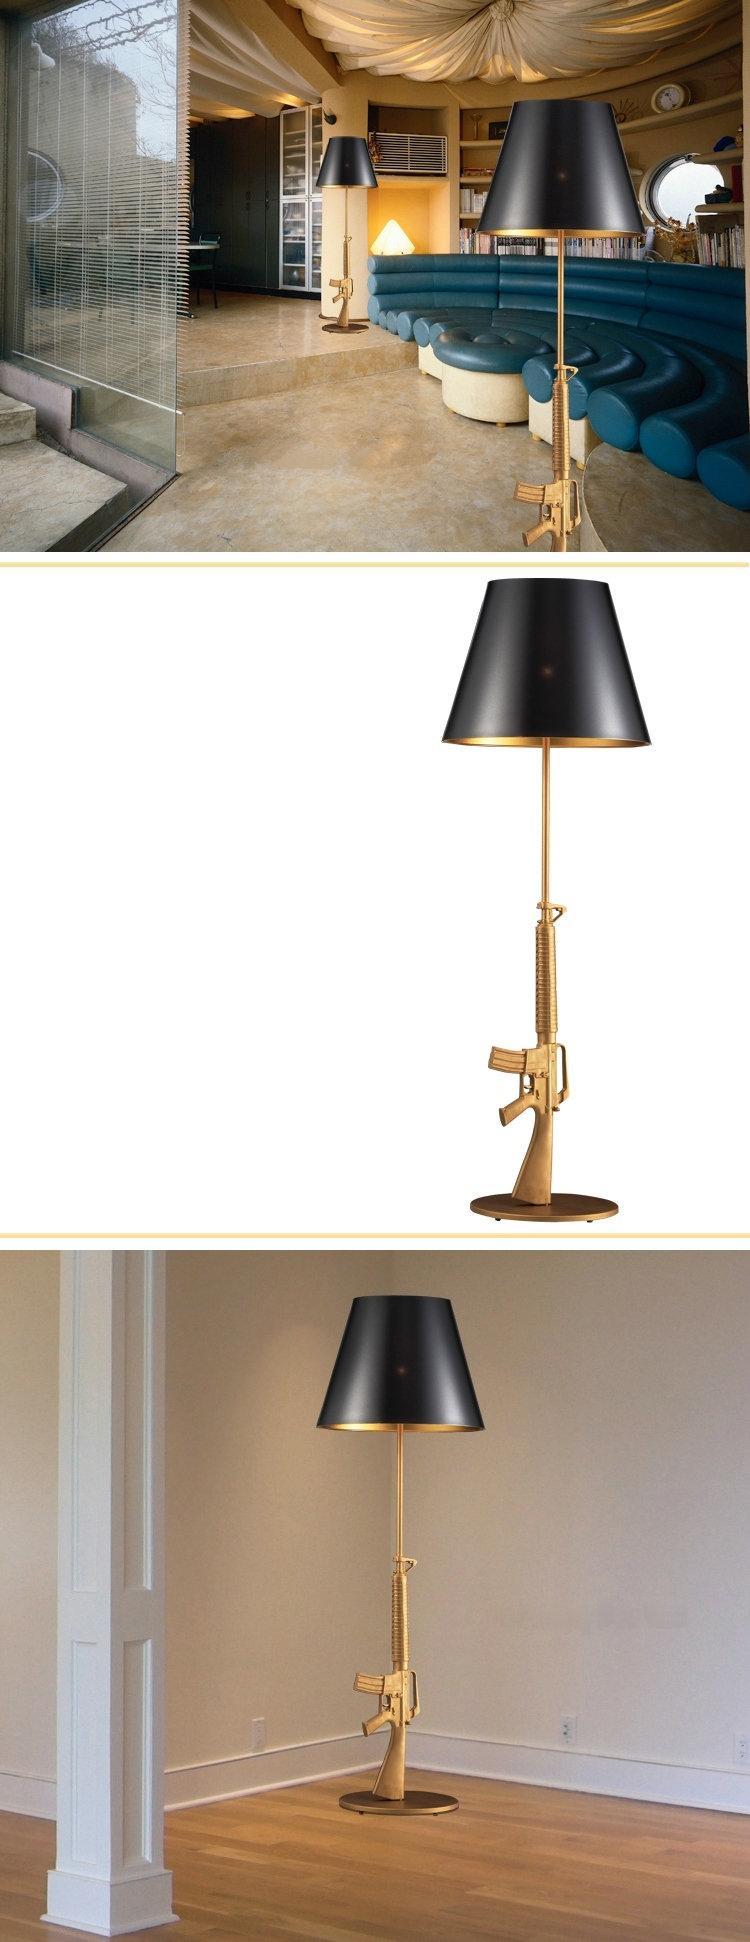 Grosshandel Italien Flos Gun Stehleuchte Moderne Philippe Starck